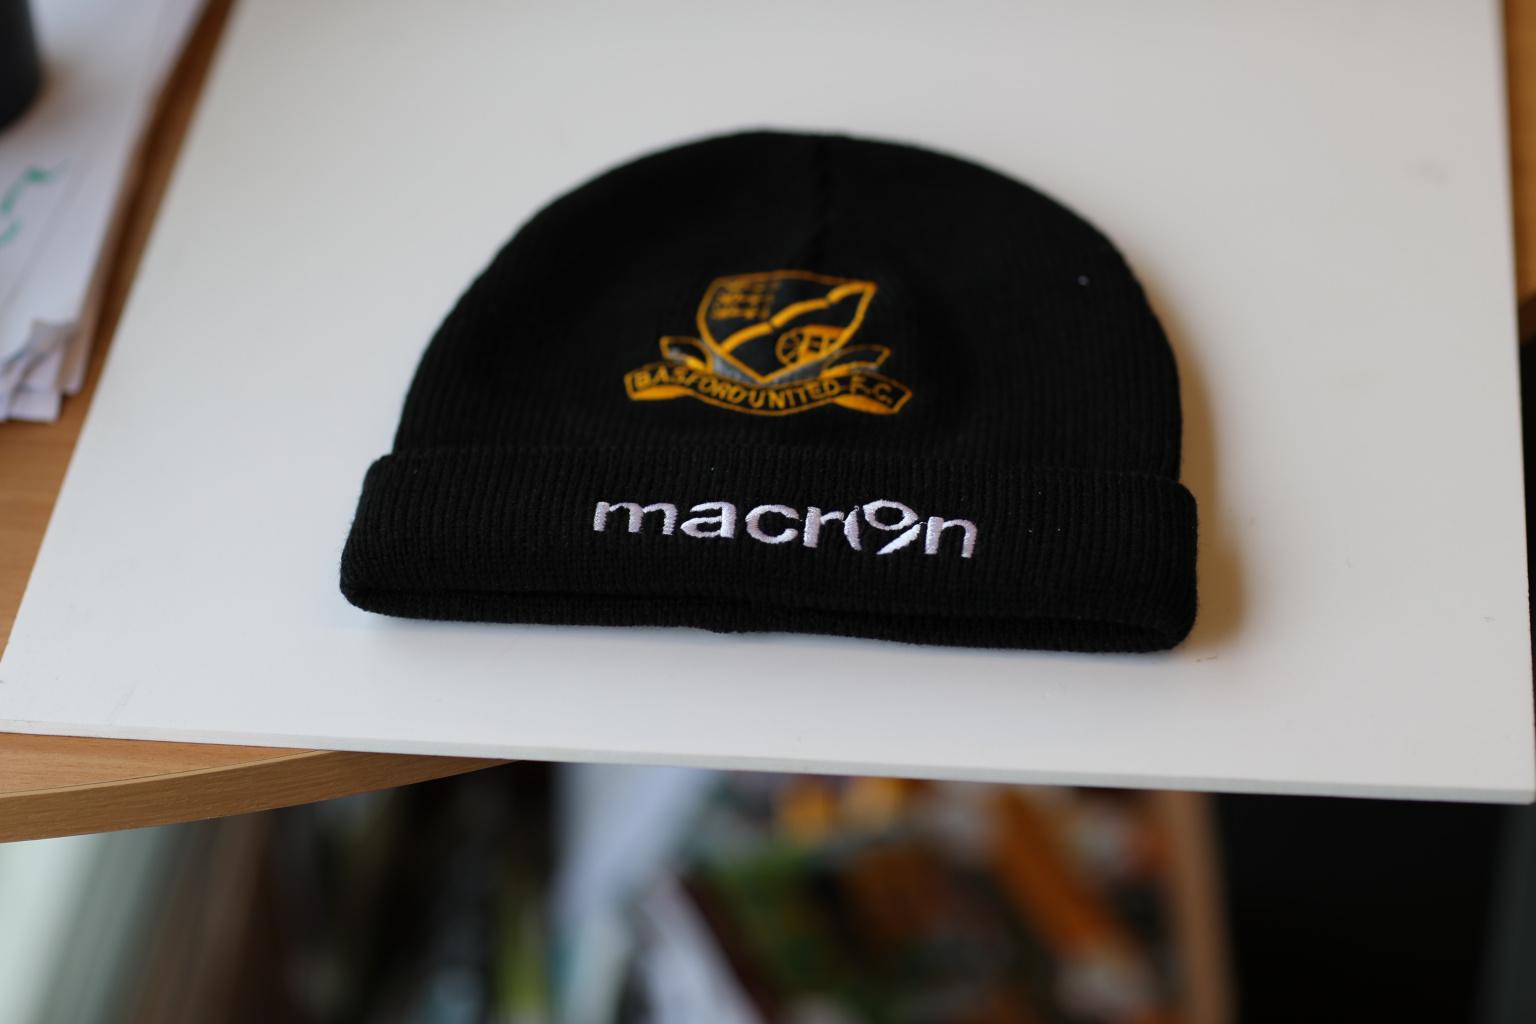 Image: Bespoke Club Beanie Hats